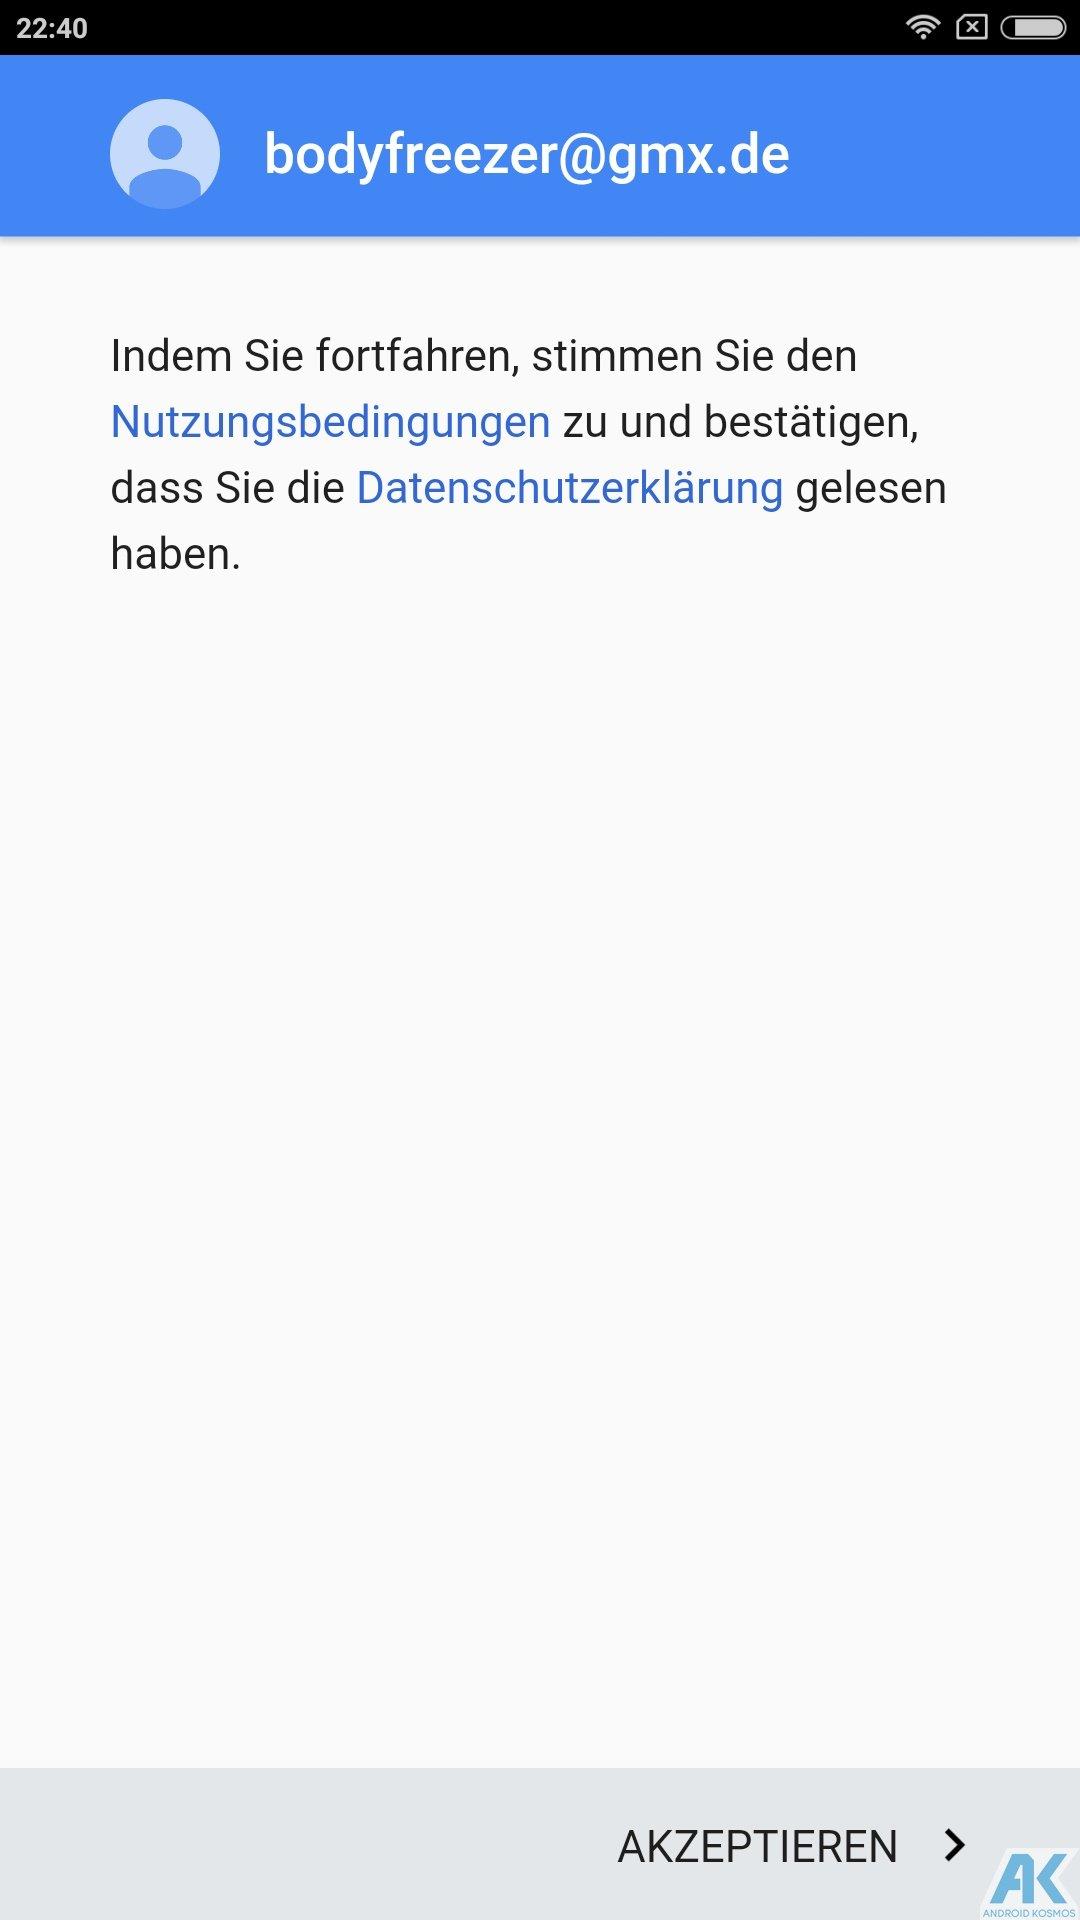 Xiaomi Mi Max 2 Test: Das Phablet ist ein wahrer Akkugigant 13